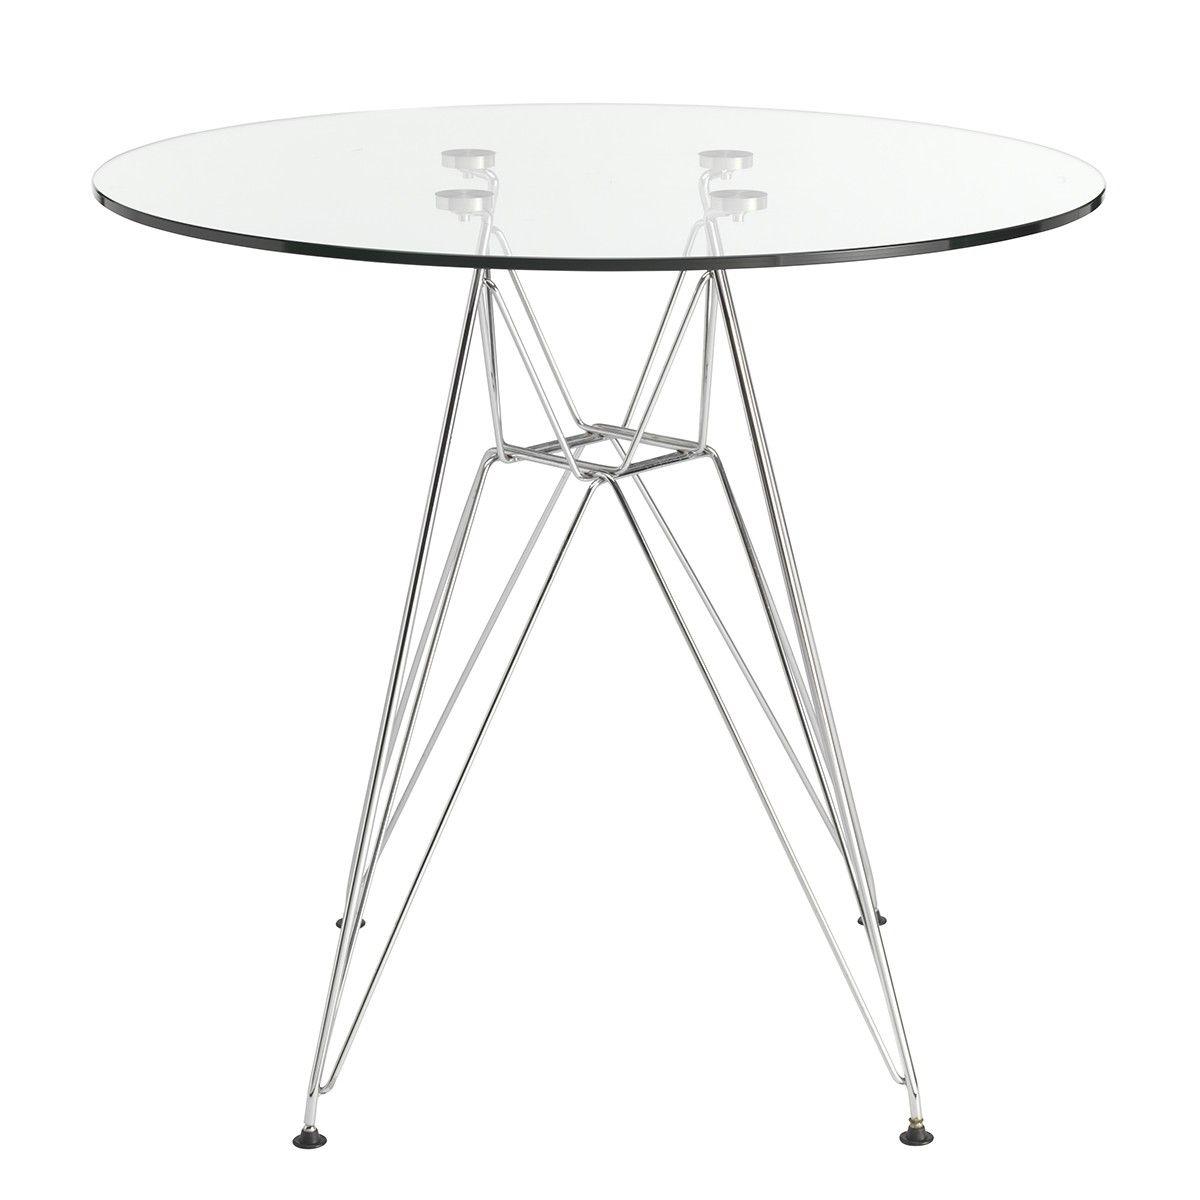 Side Table Replica Eames Glass Steel Legs Glass Coffee Table Side Table Replica Furniture [ 1200 x 1200 Pixel ]